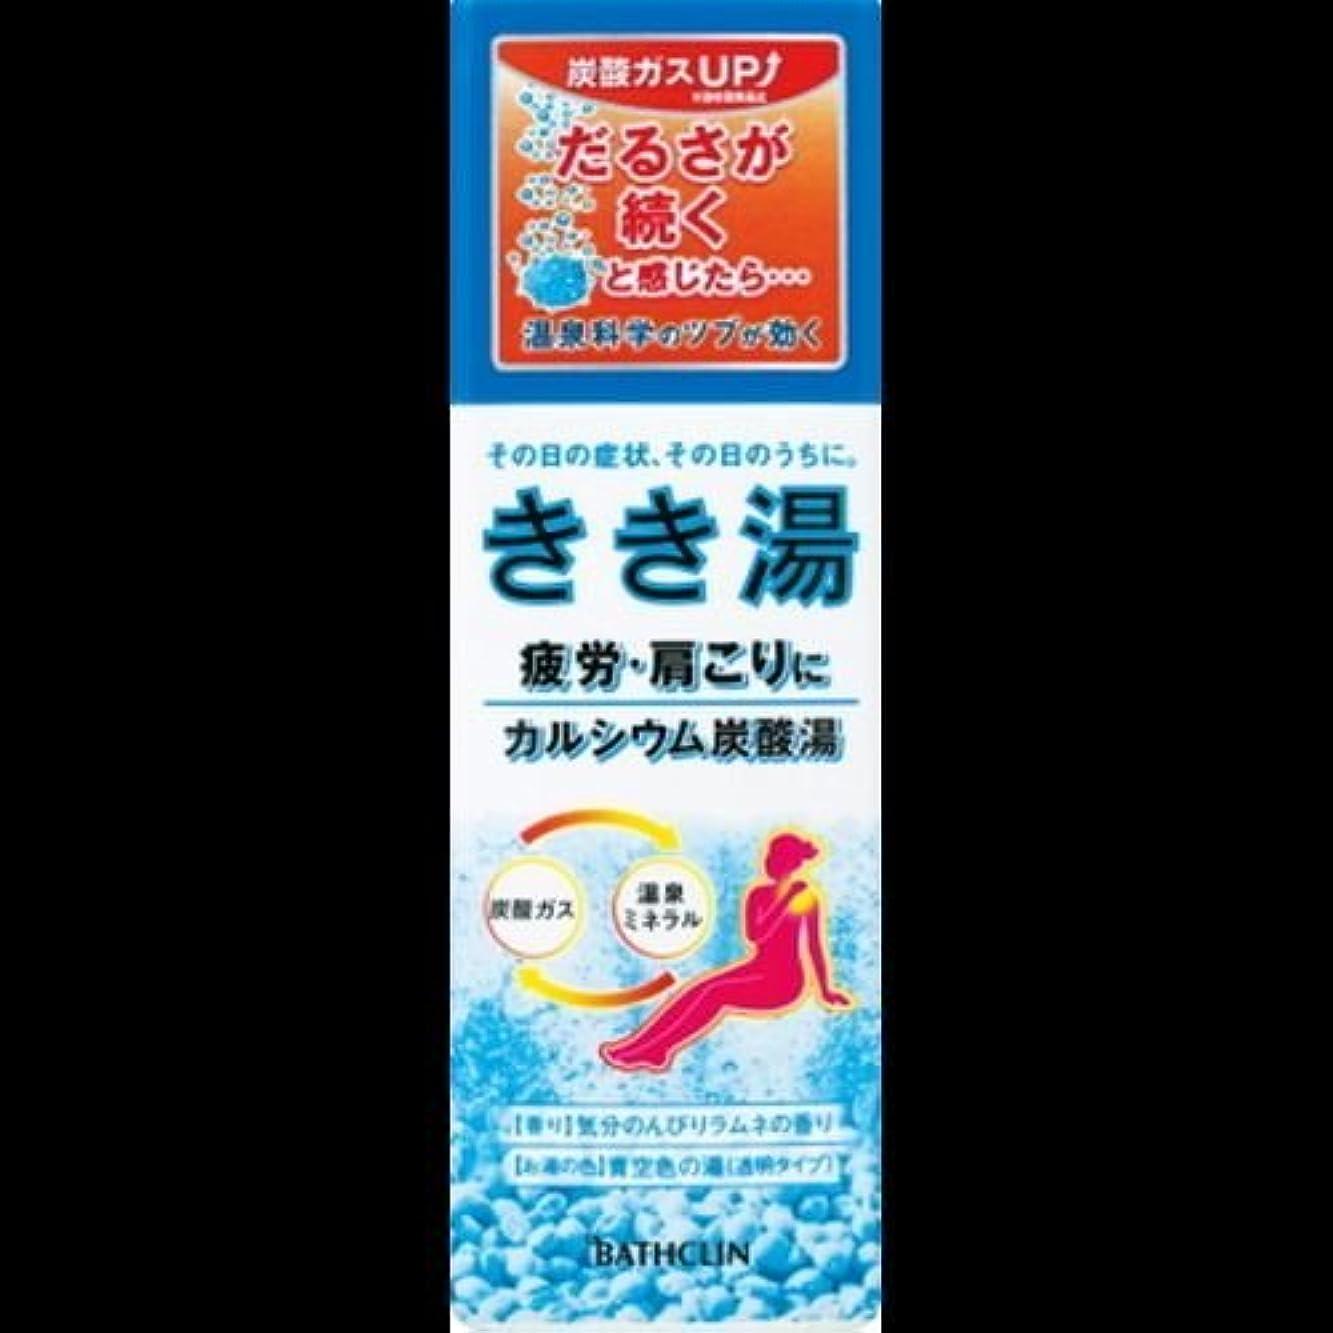 帳面グラマー霜【まとめ買い】きき湯 カルシウム炭酸湯 気分のんびりラムネの香り 青空色の湯(透明タイプ) 360g ×2セット